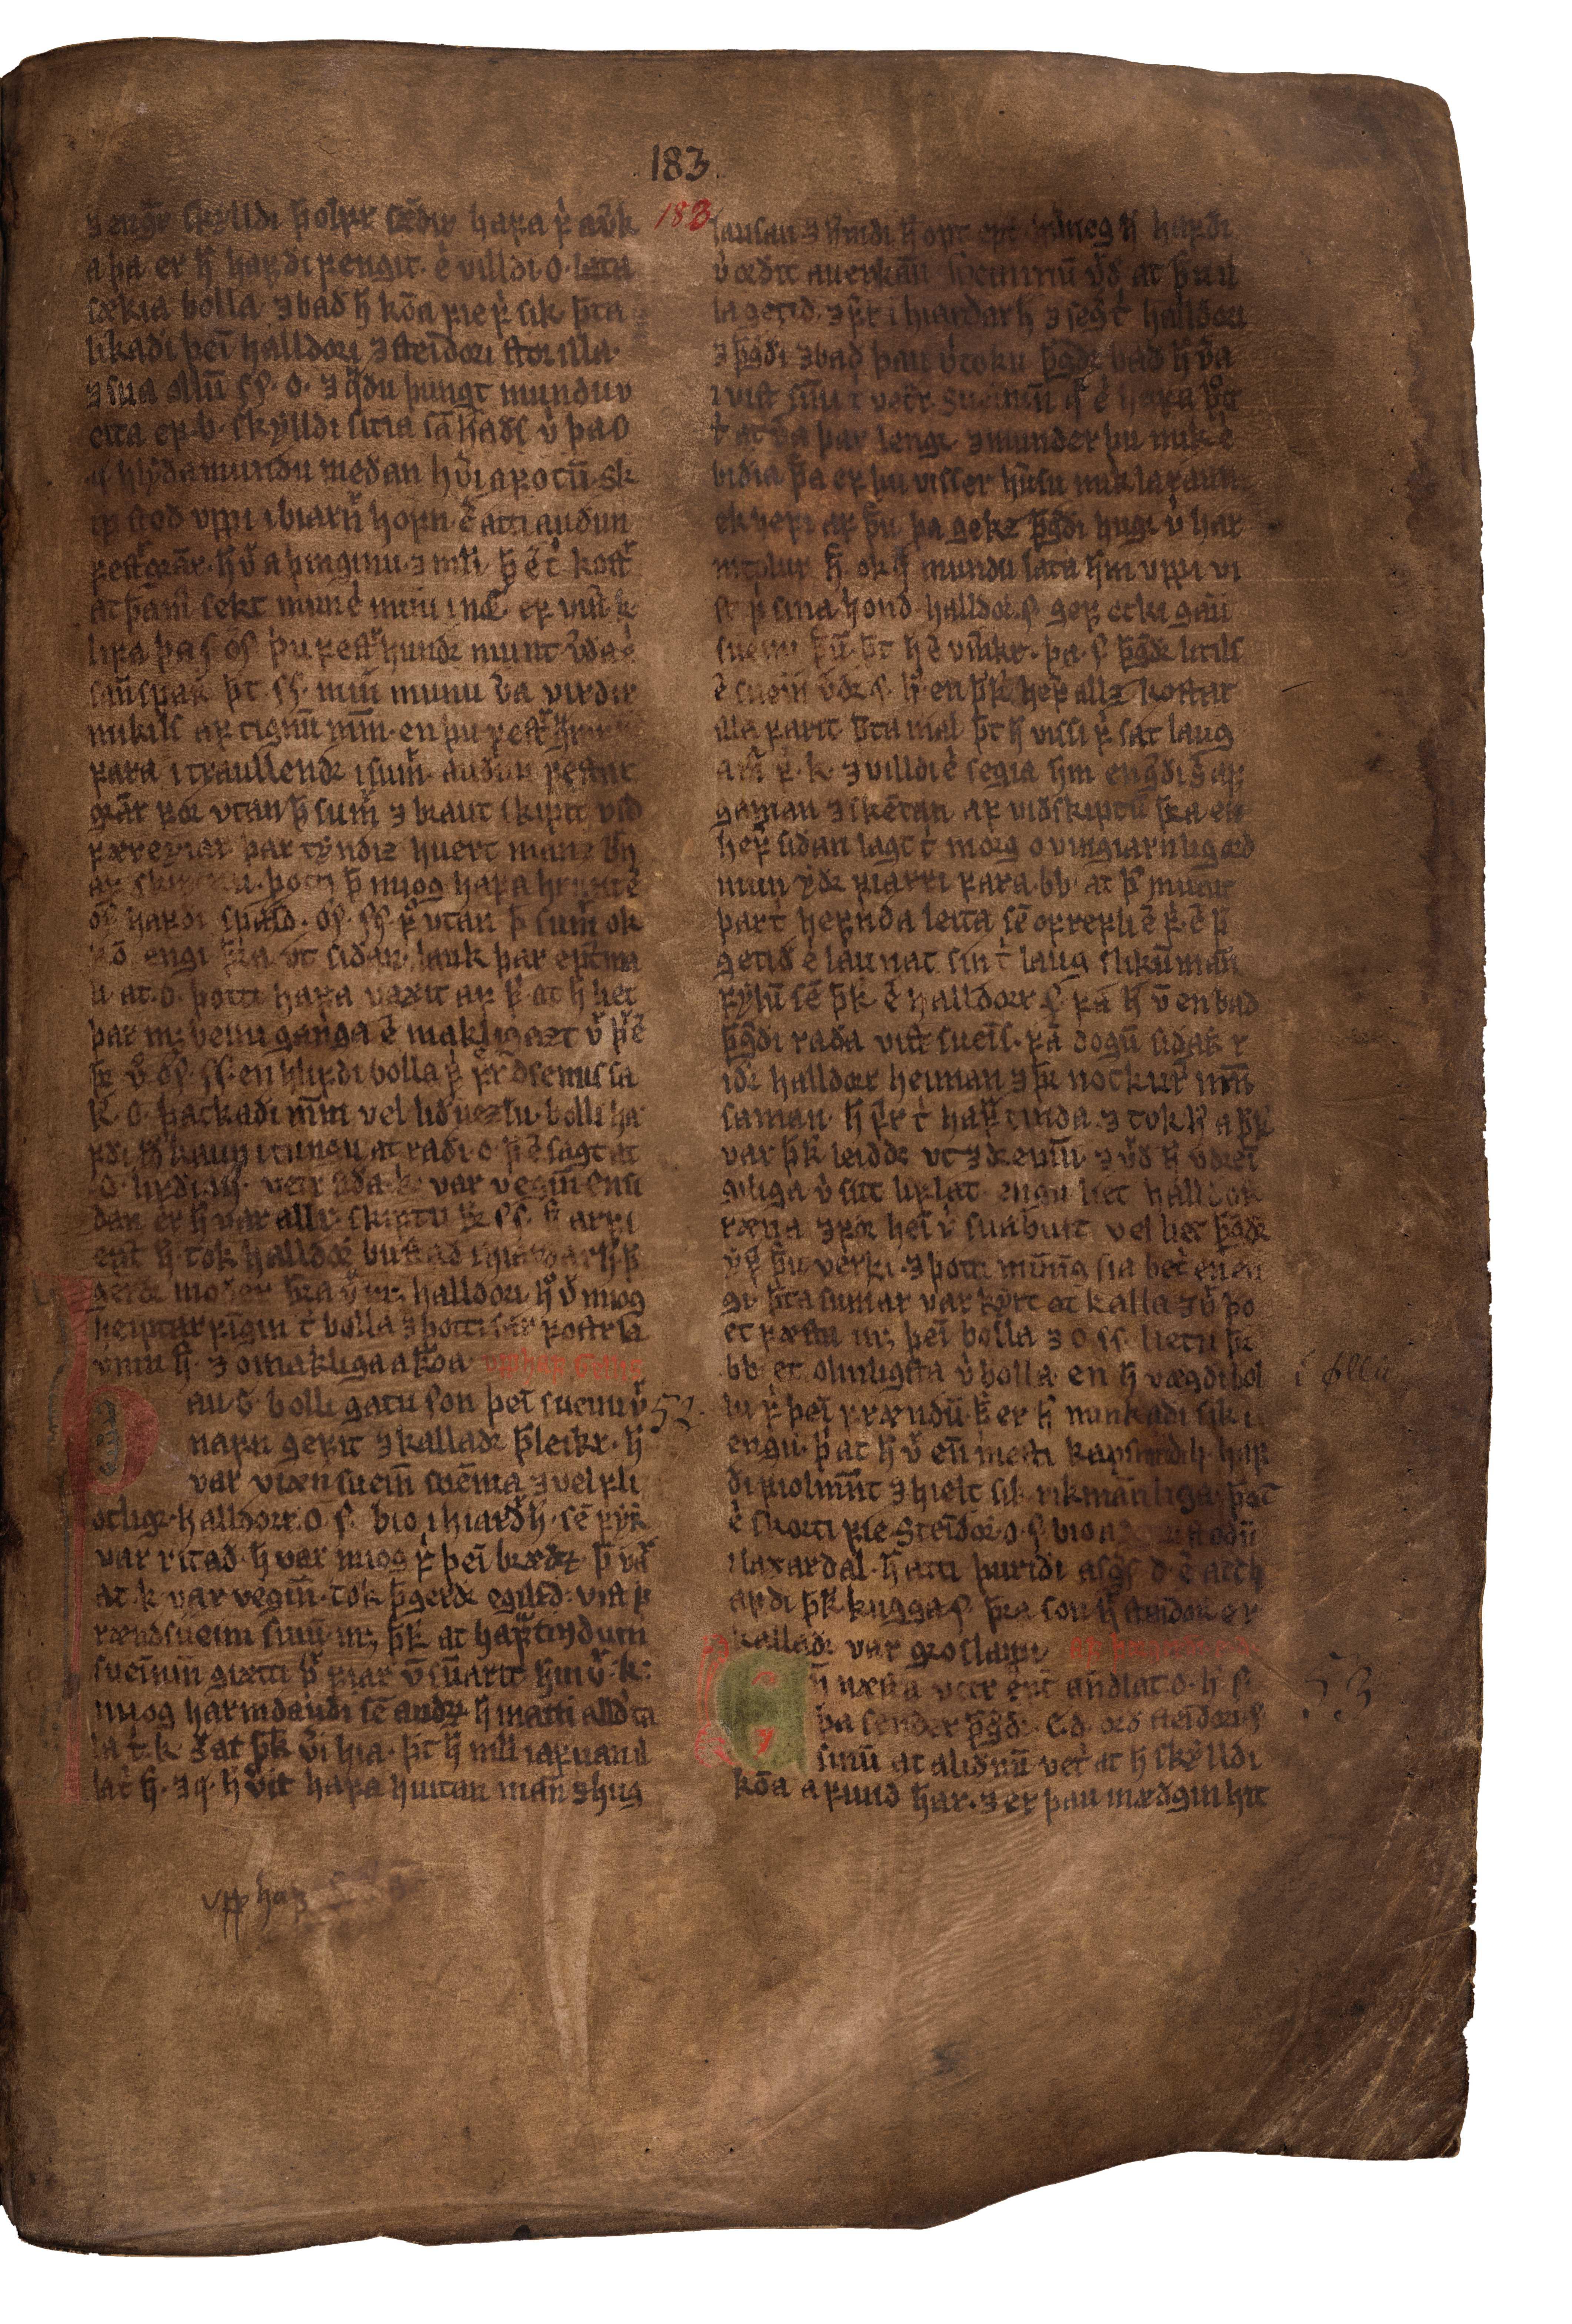 AM 132 fol - 183r